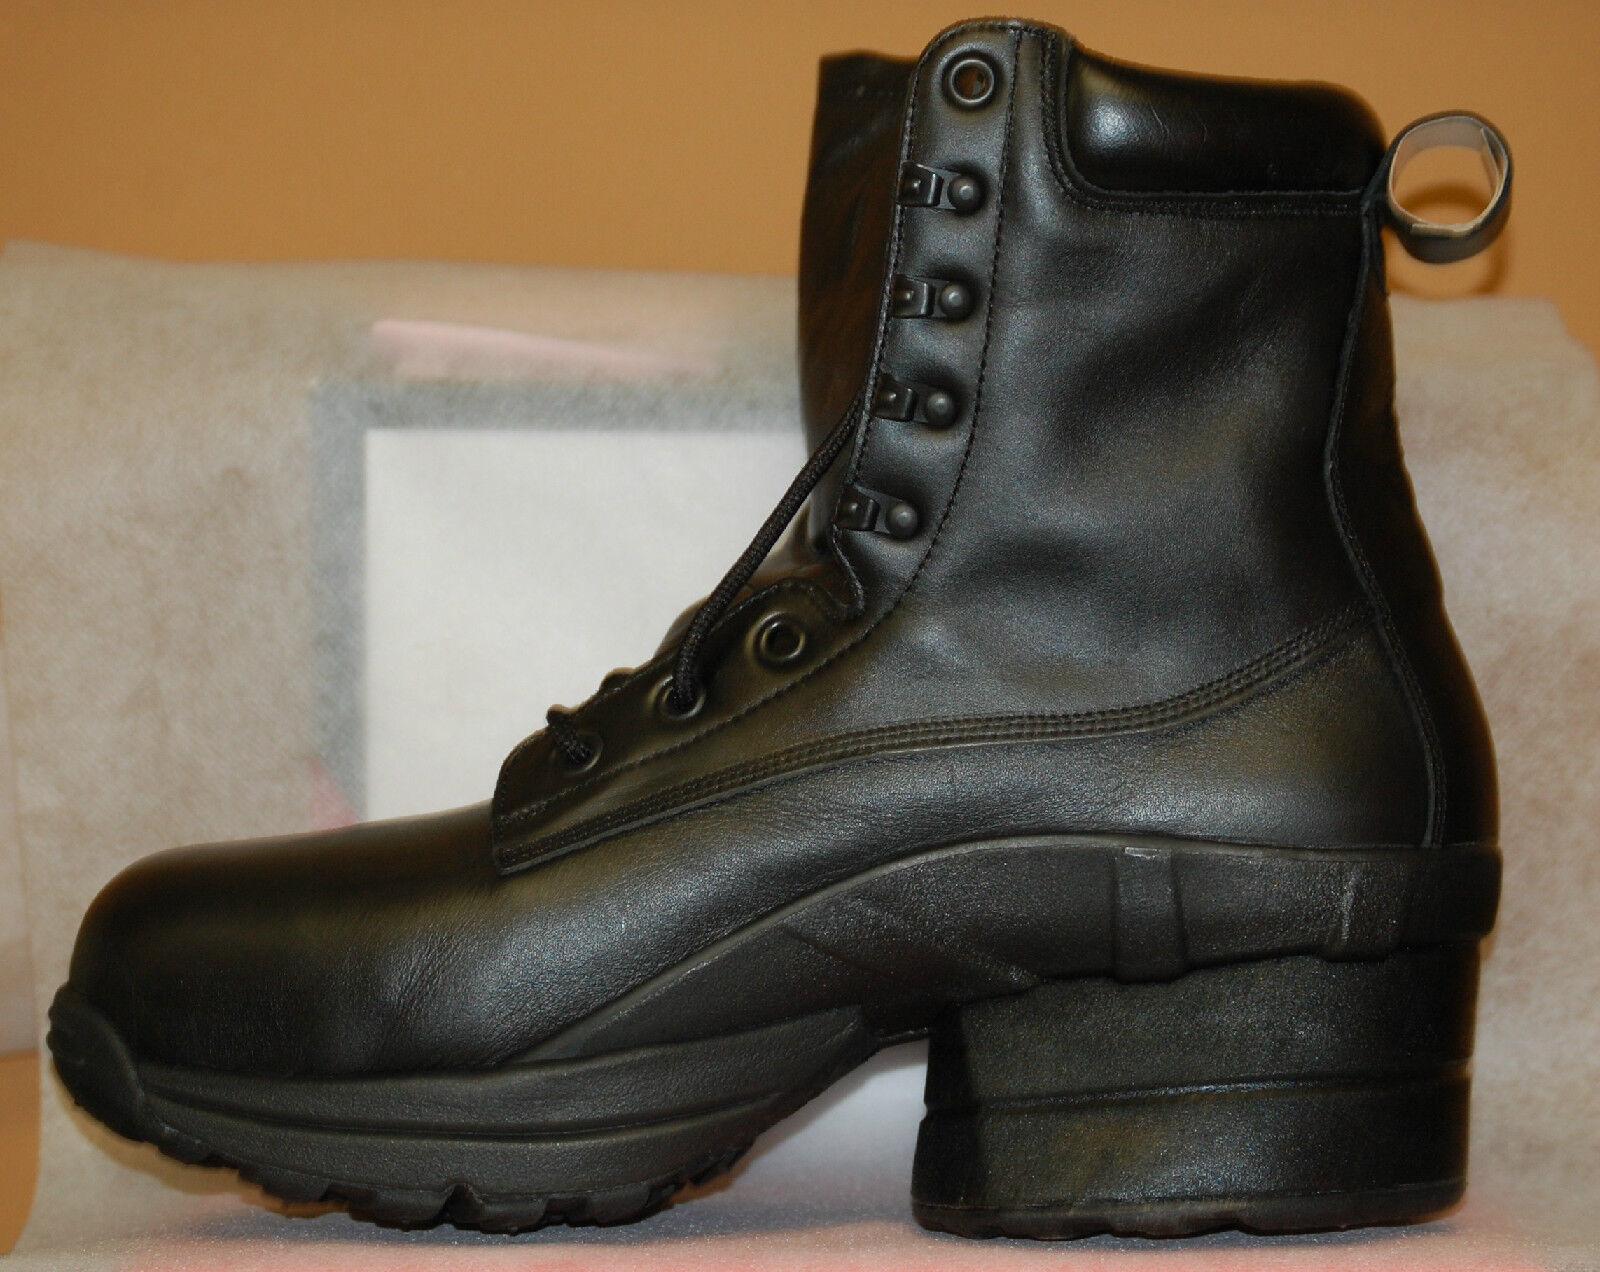 7ec6f479e7e Z-coil Men's Prime Workboot Black Leather Size 9 Non Safety Toe Enclosed  Coils